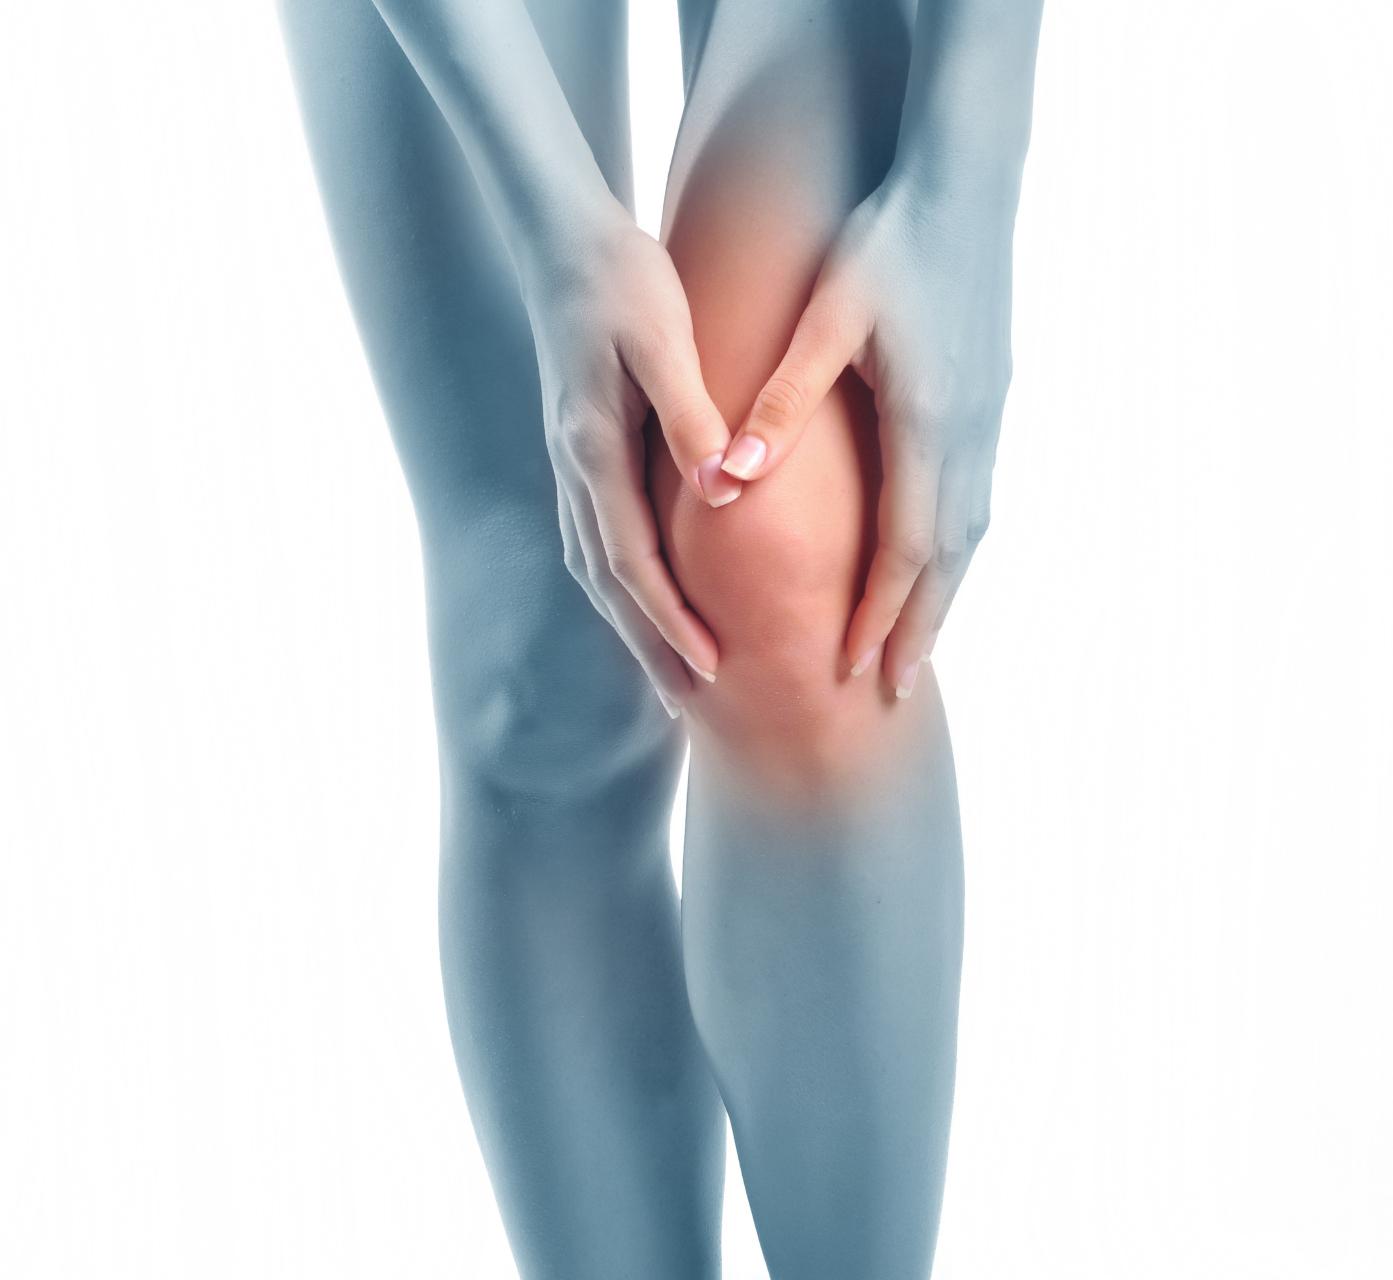 kaip pašalinti sąnarių ir raumenų uždegimą jei peties sąnarys skauda ilgą laiką